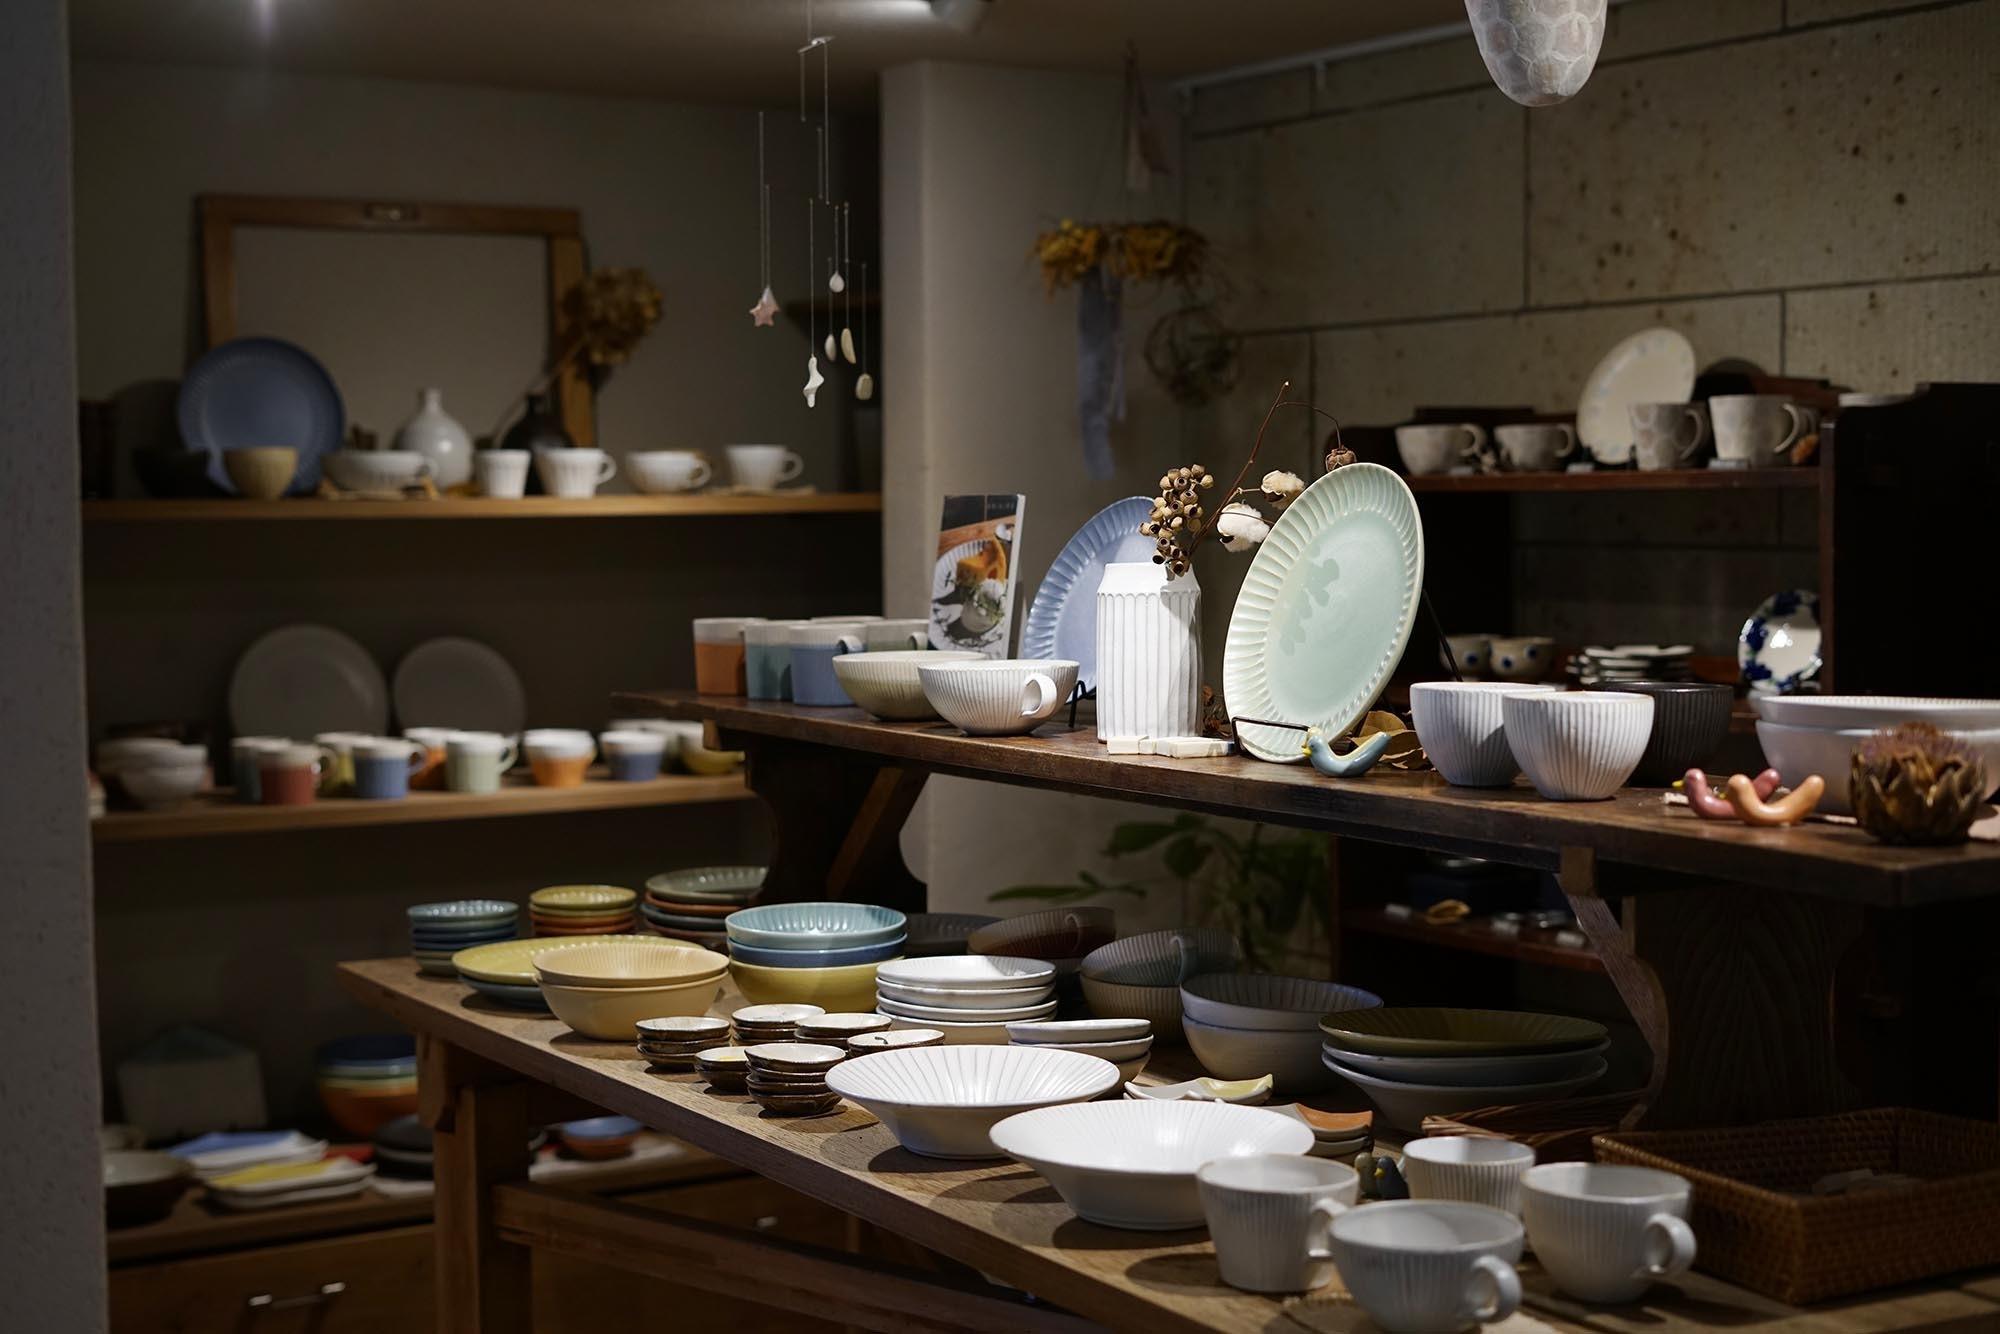 山形県上山市のCafe and Gallery 月と星で展示販売して頂いてます!。_e0114422_17470083.jpg